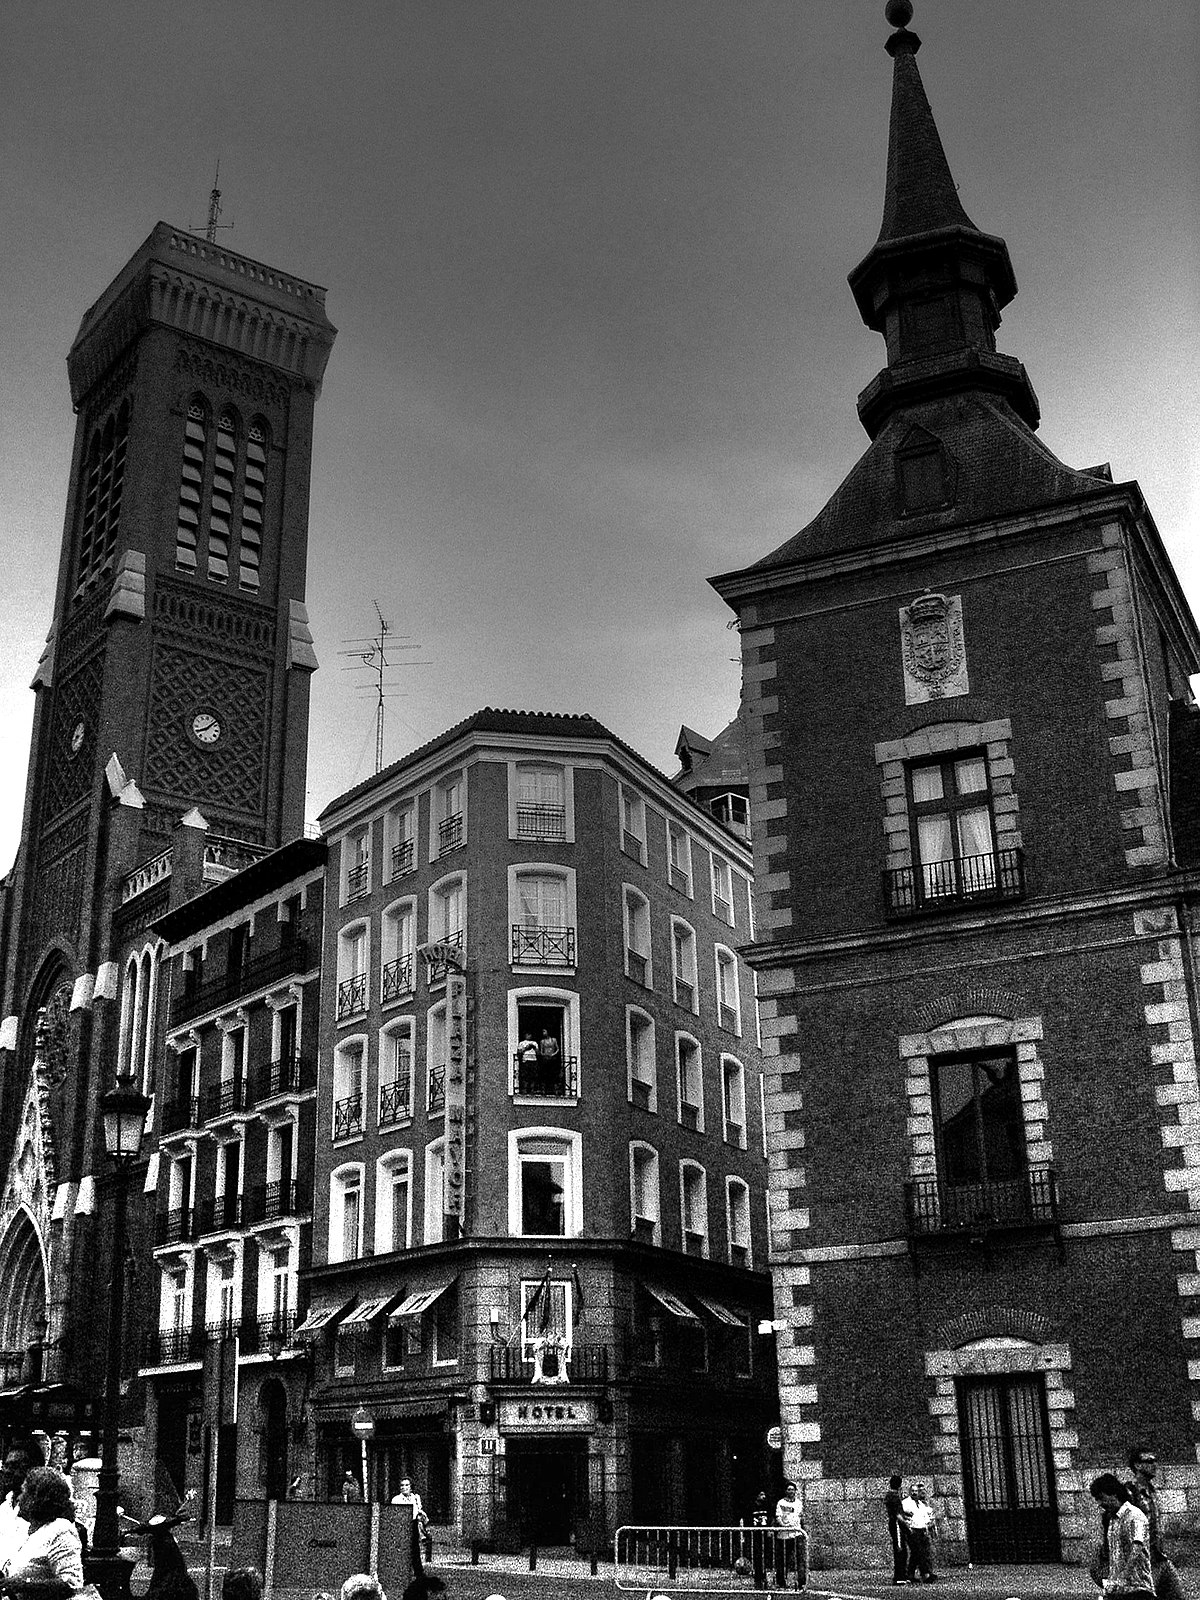 Calle de atocha wikipedia la enciclopedia libre for Hoteles en la calle prado de madrid